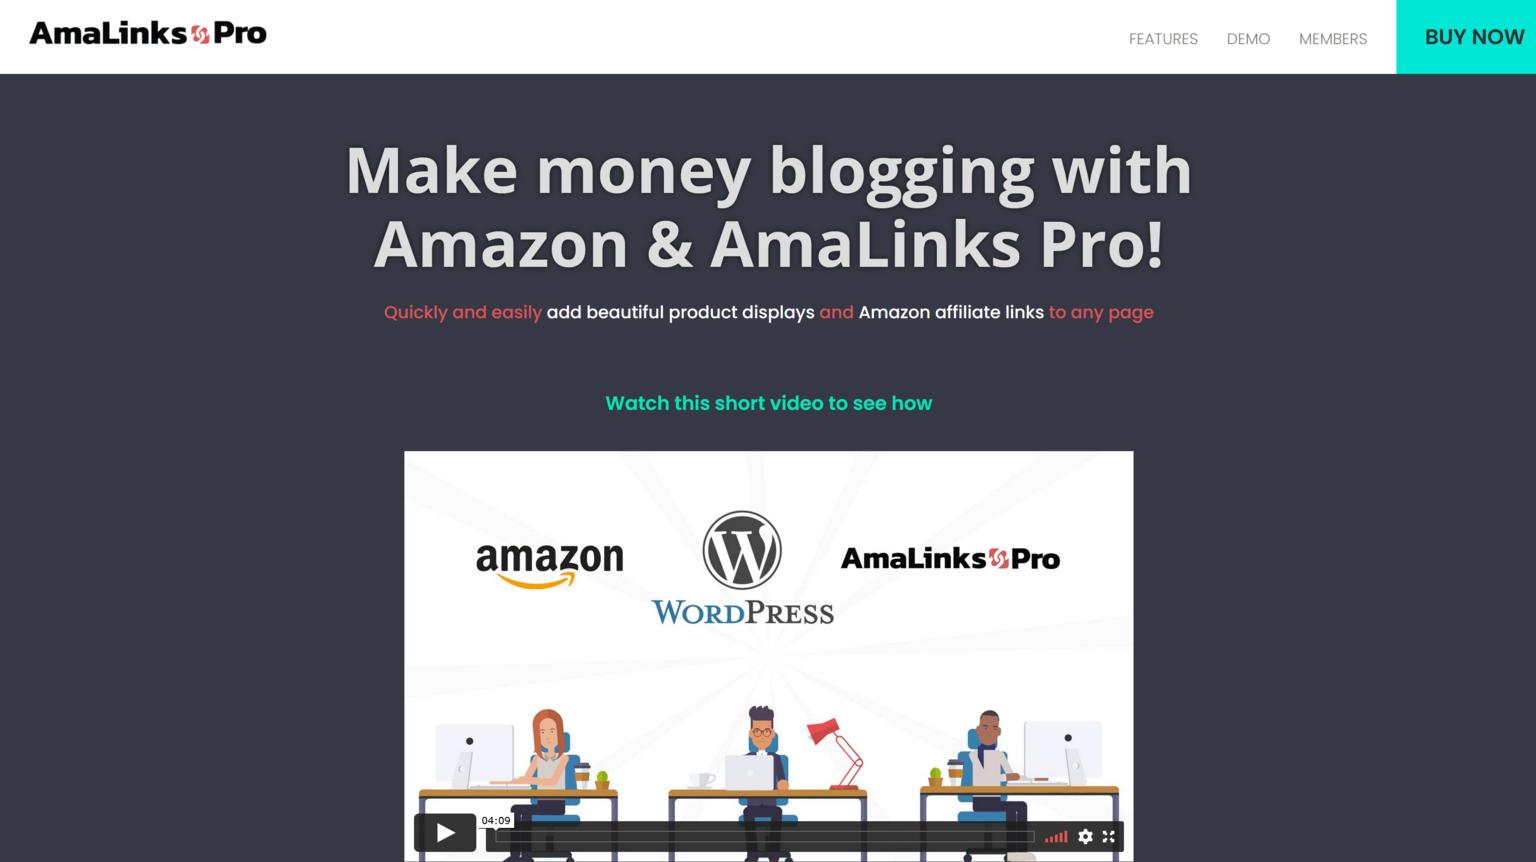 AmaLinks Pro + Tables 1.5.7 – Make Money Blogging With Amazon & AmaLinks Pro